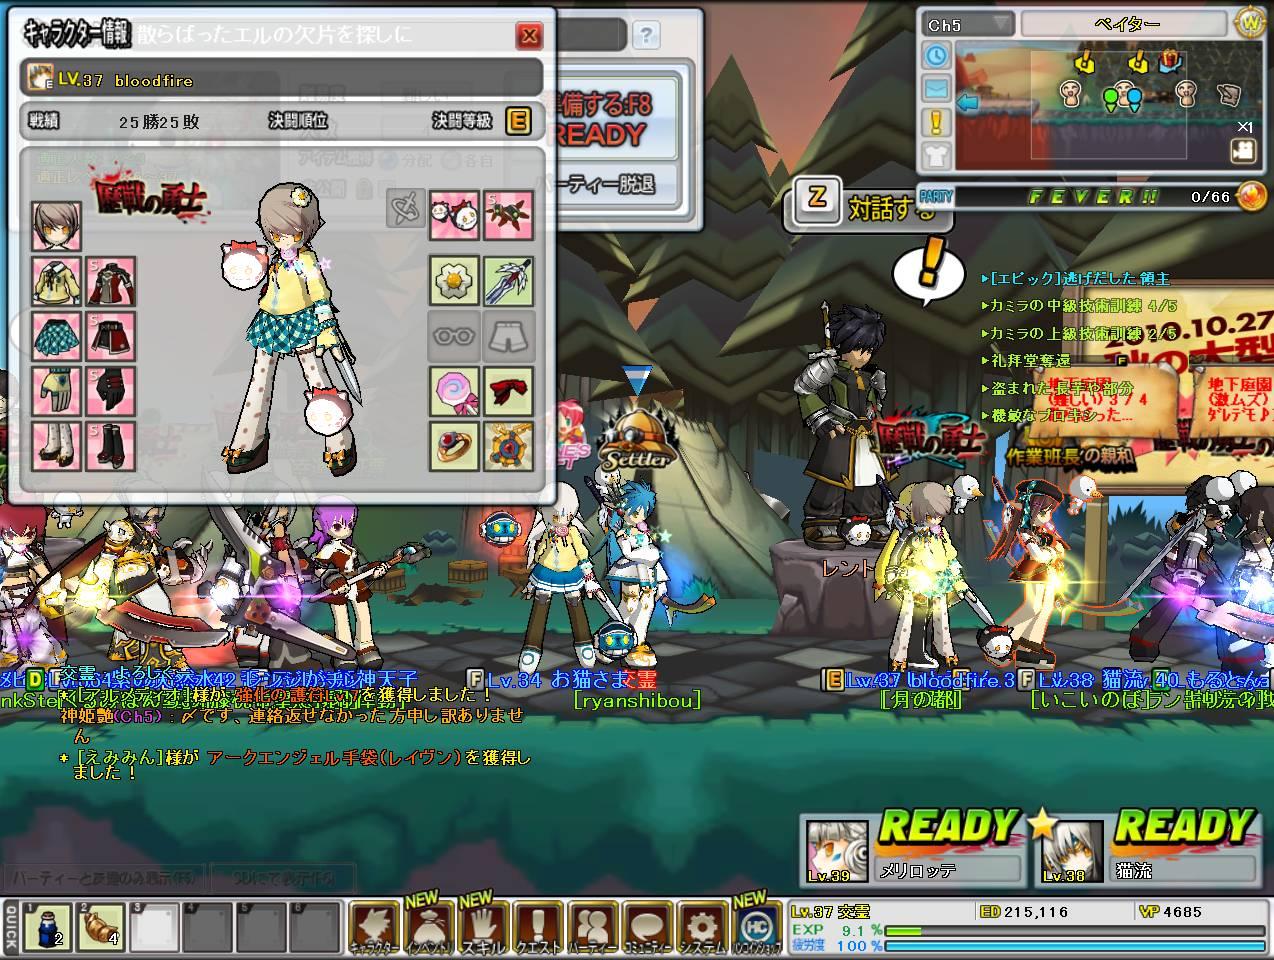 SC_2010_10_30_20_17_40_.jpg